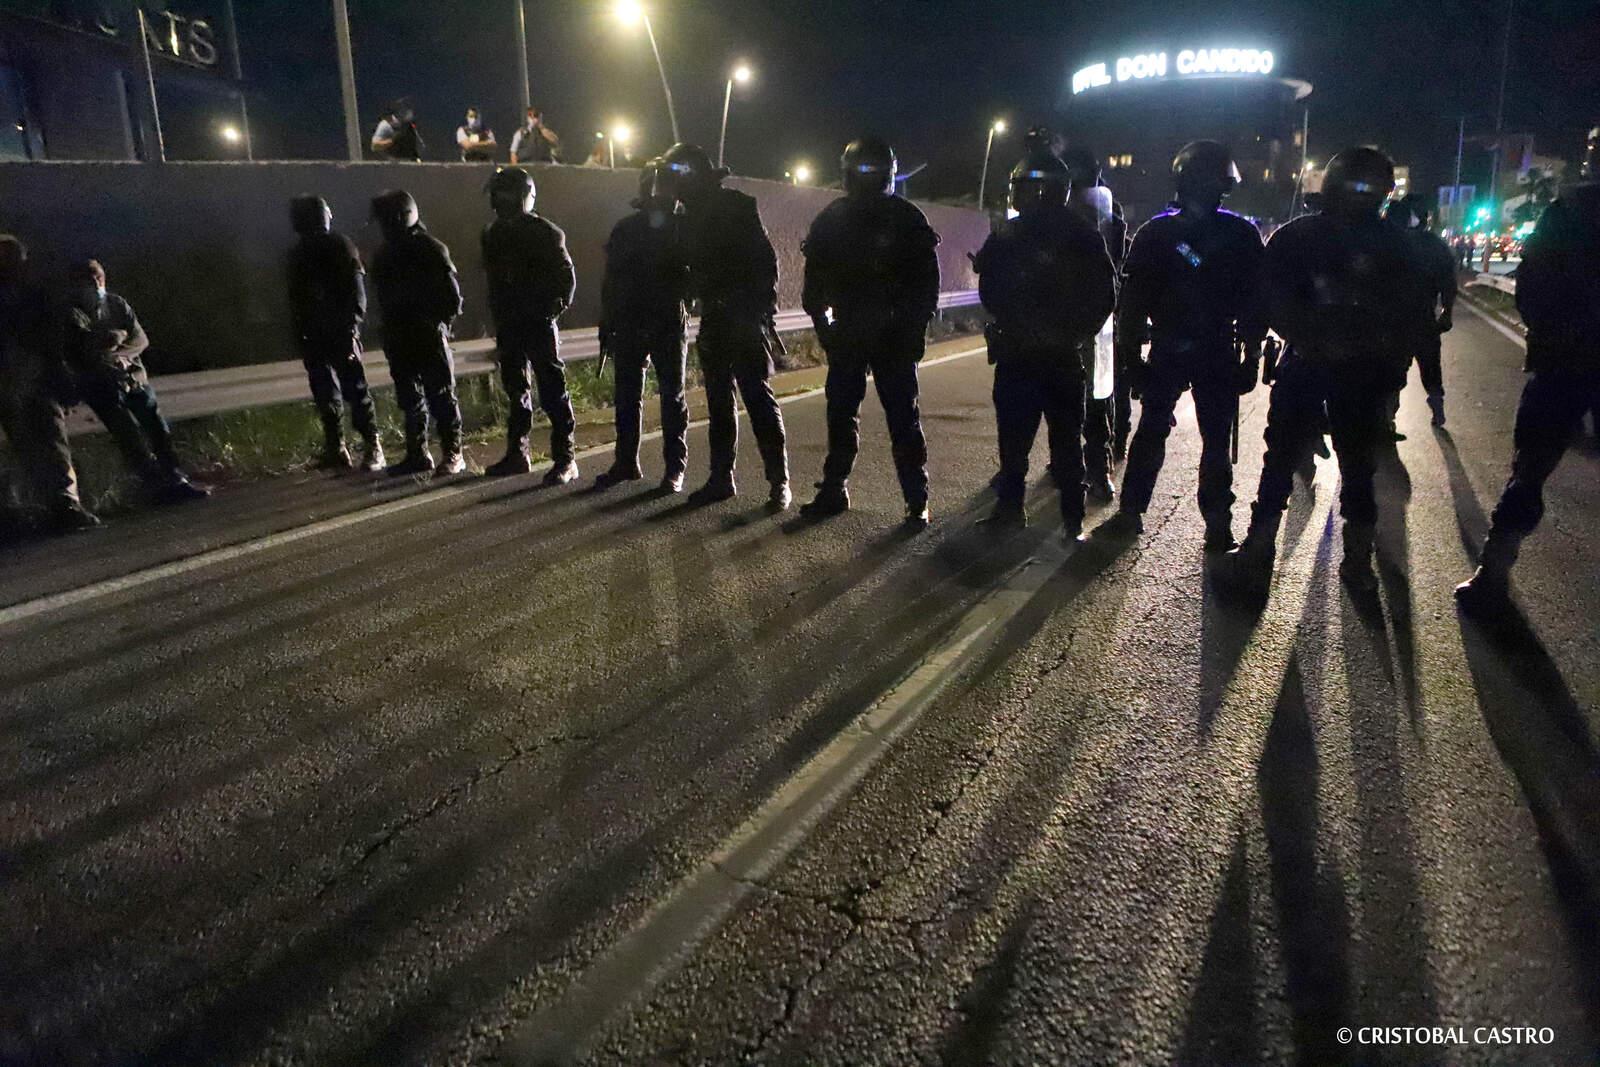 La Brimo encapsula els manifestants que tallen l'autopista quan ja marxaven